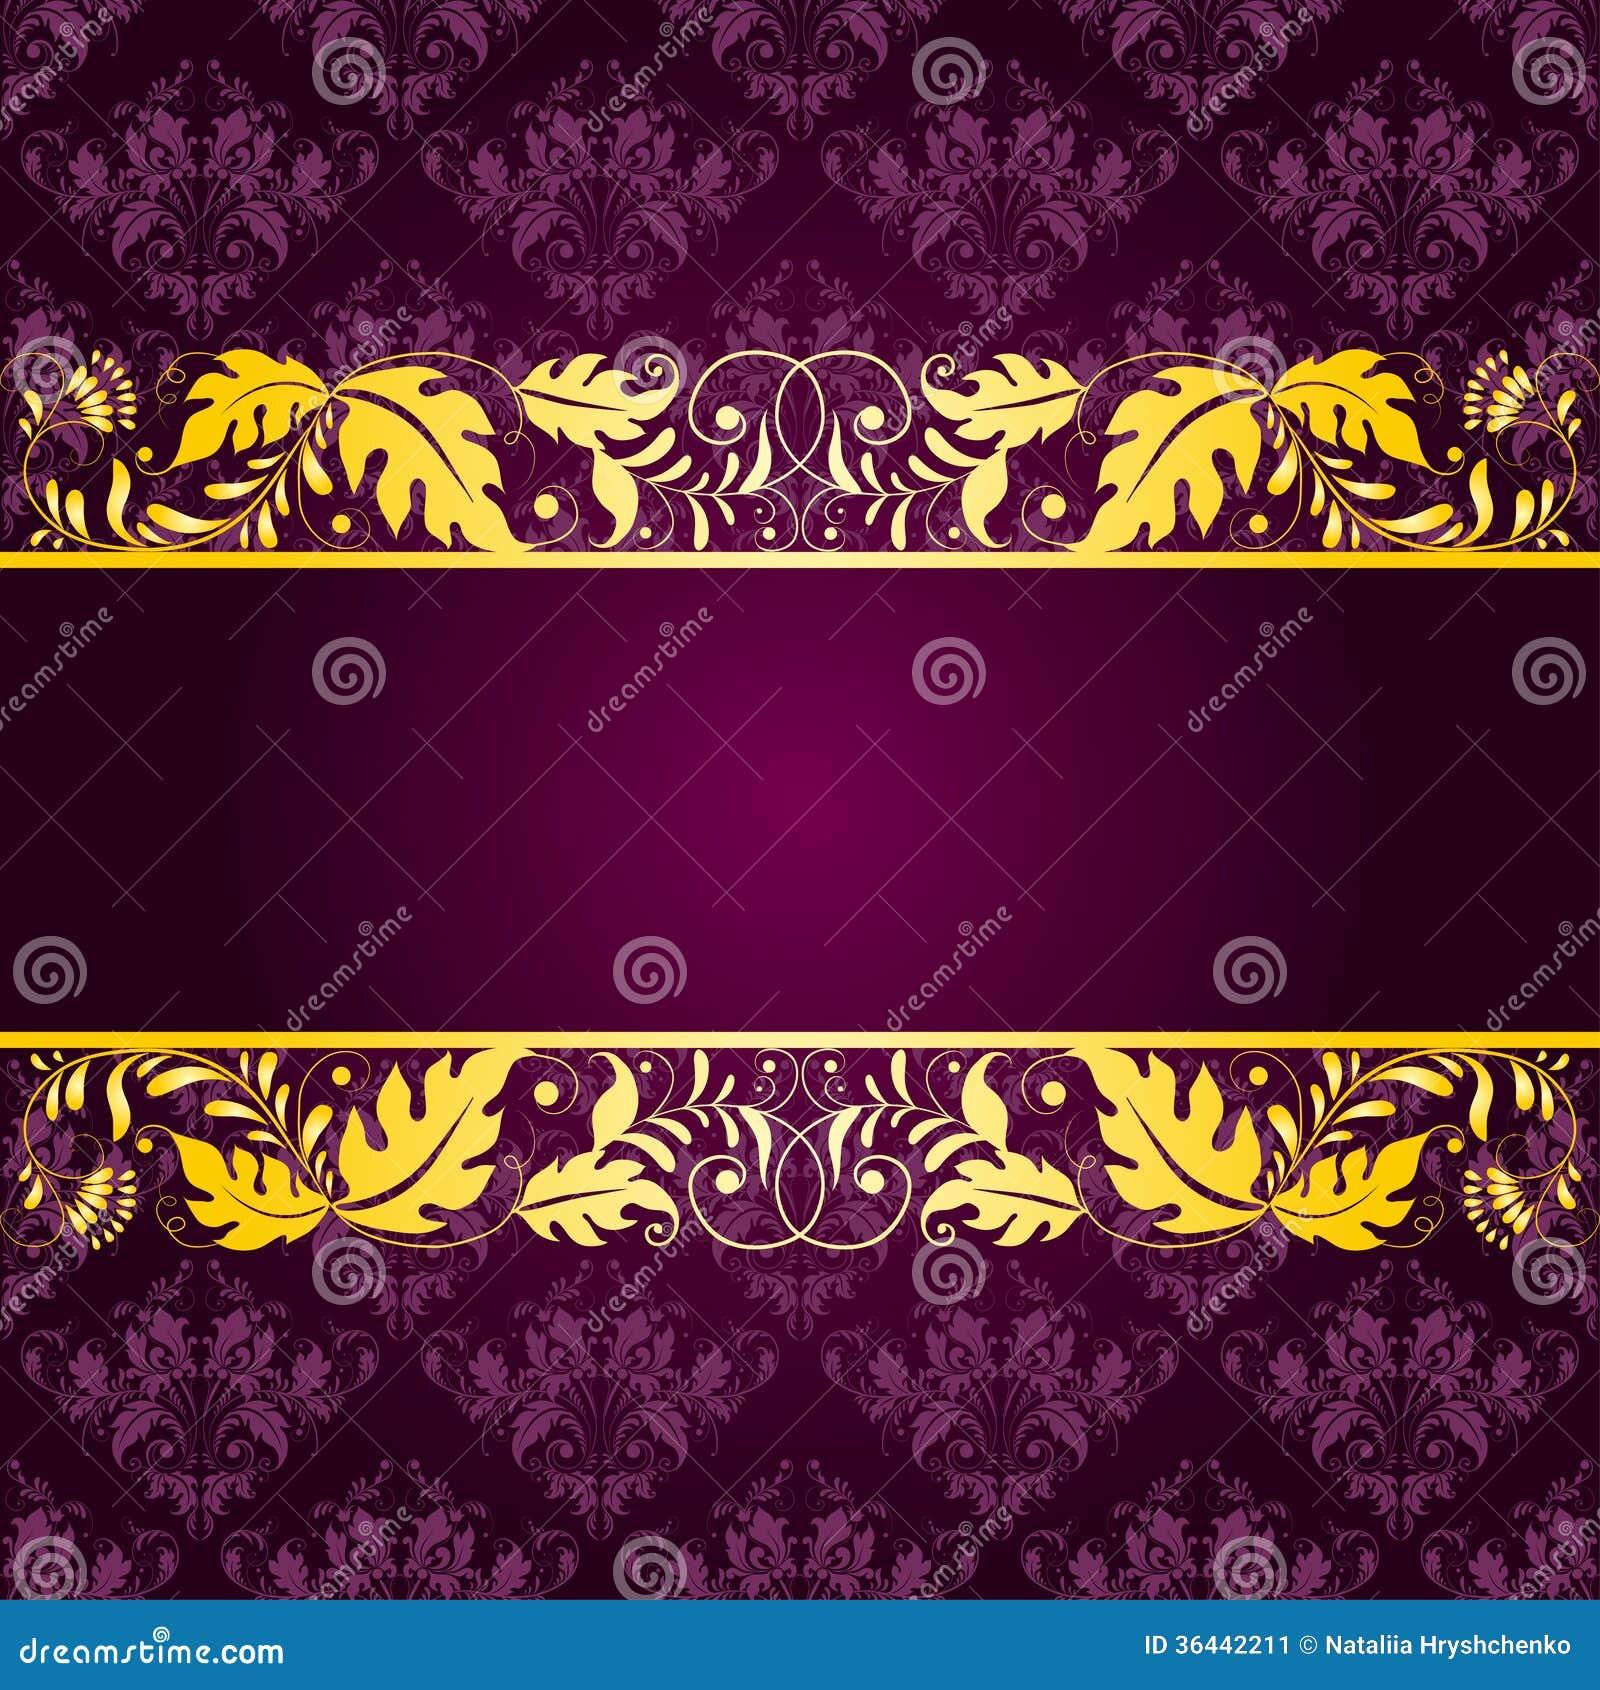 elegant filigree background with - photo #35